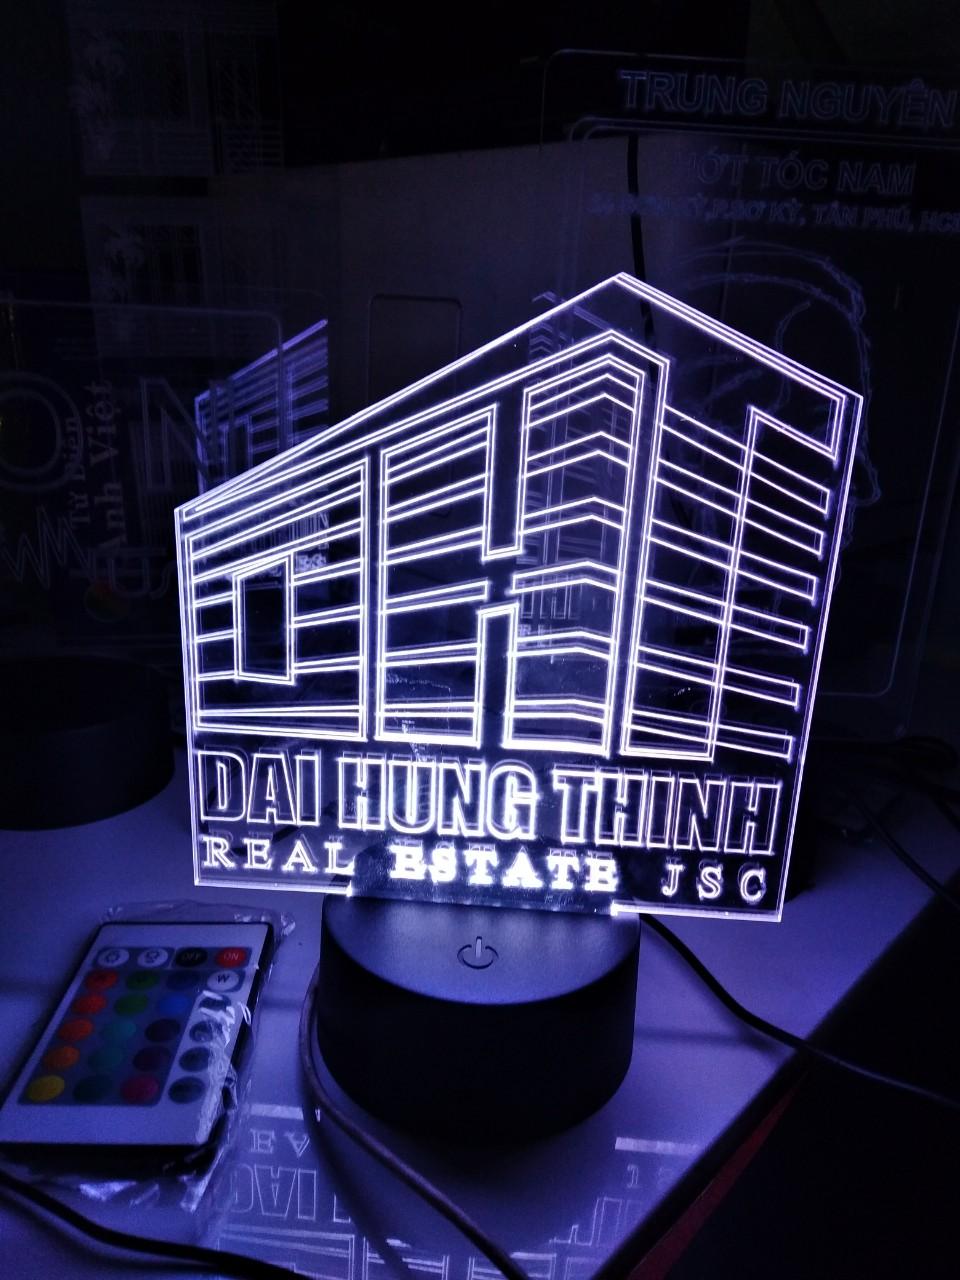 dai-hung-thinh